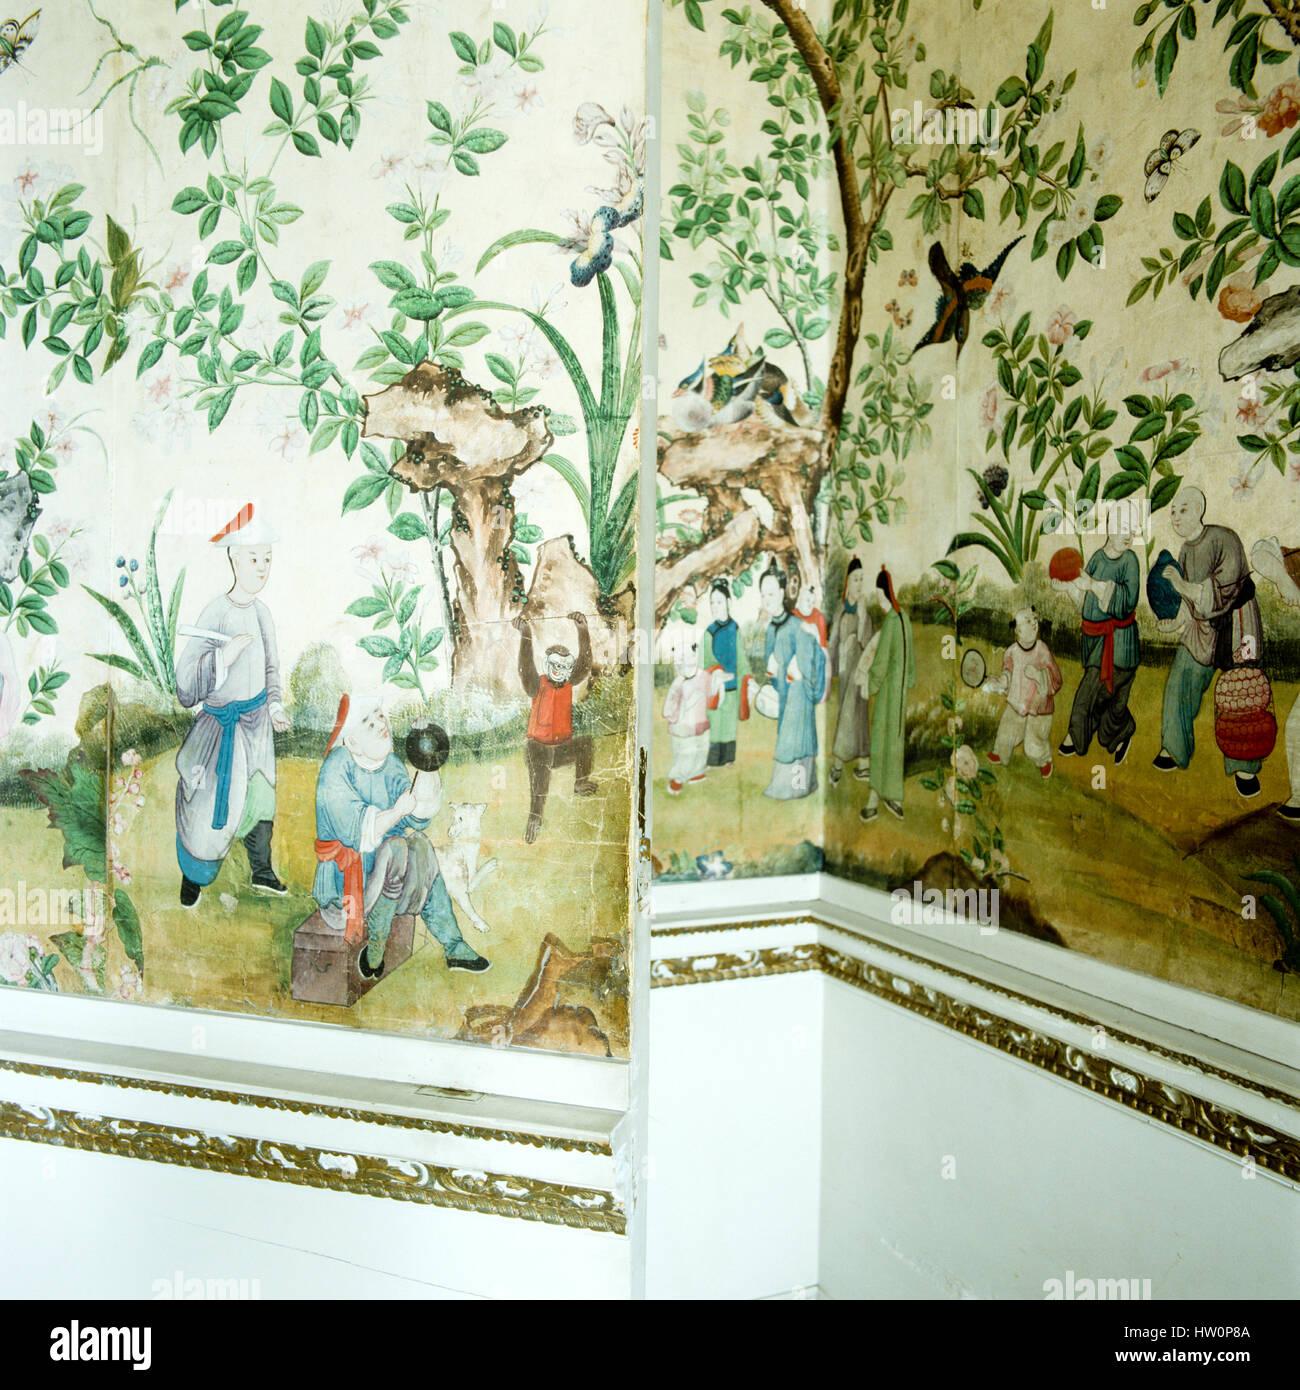 Wandbild an der Wand. Stockbild